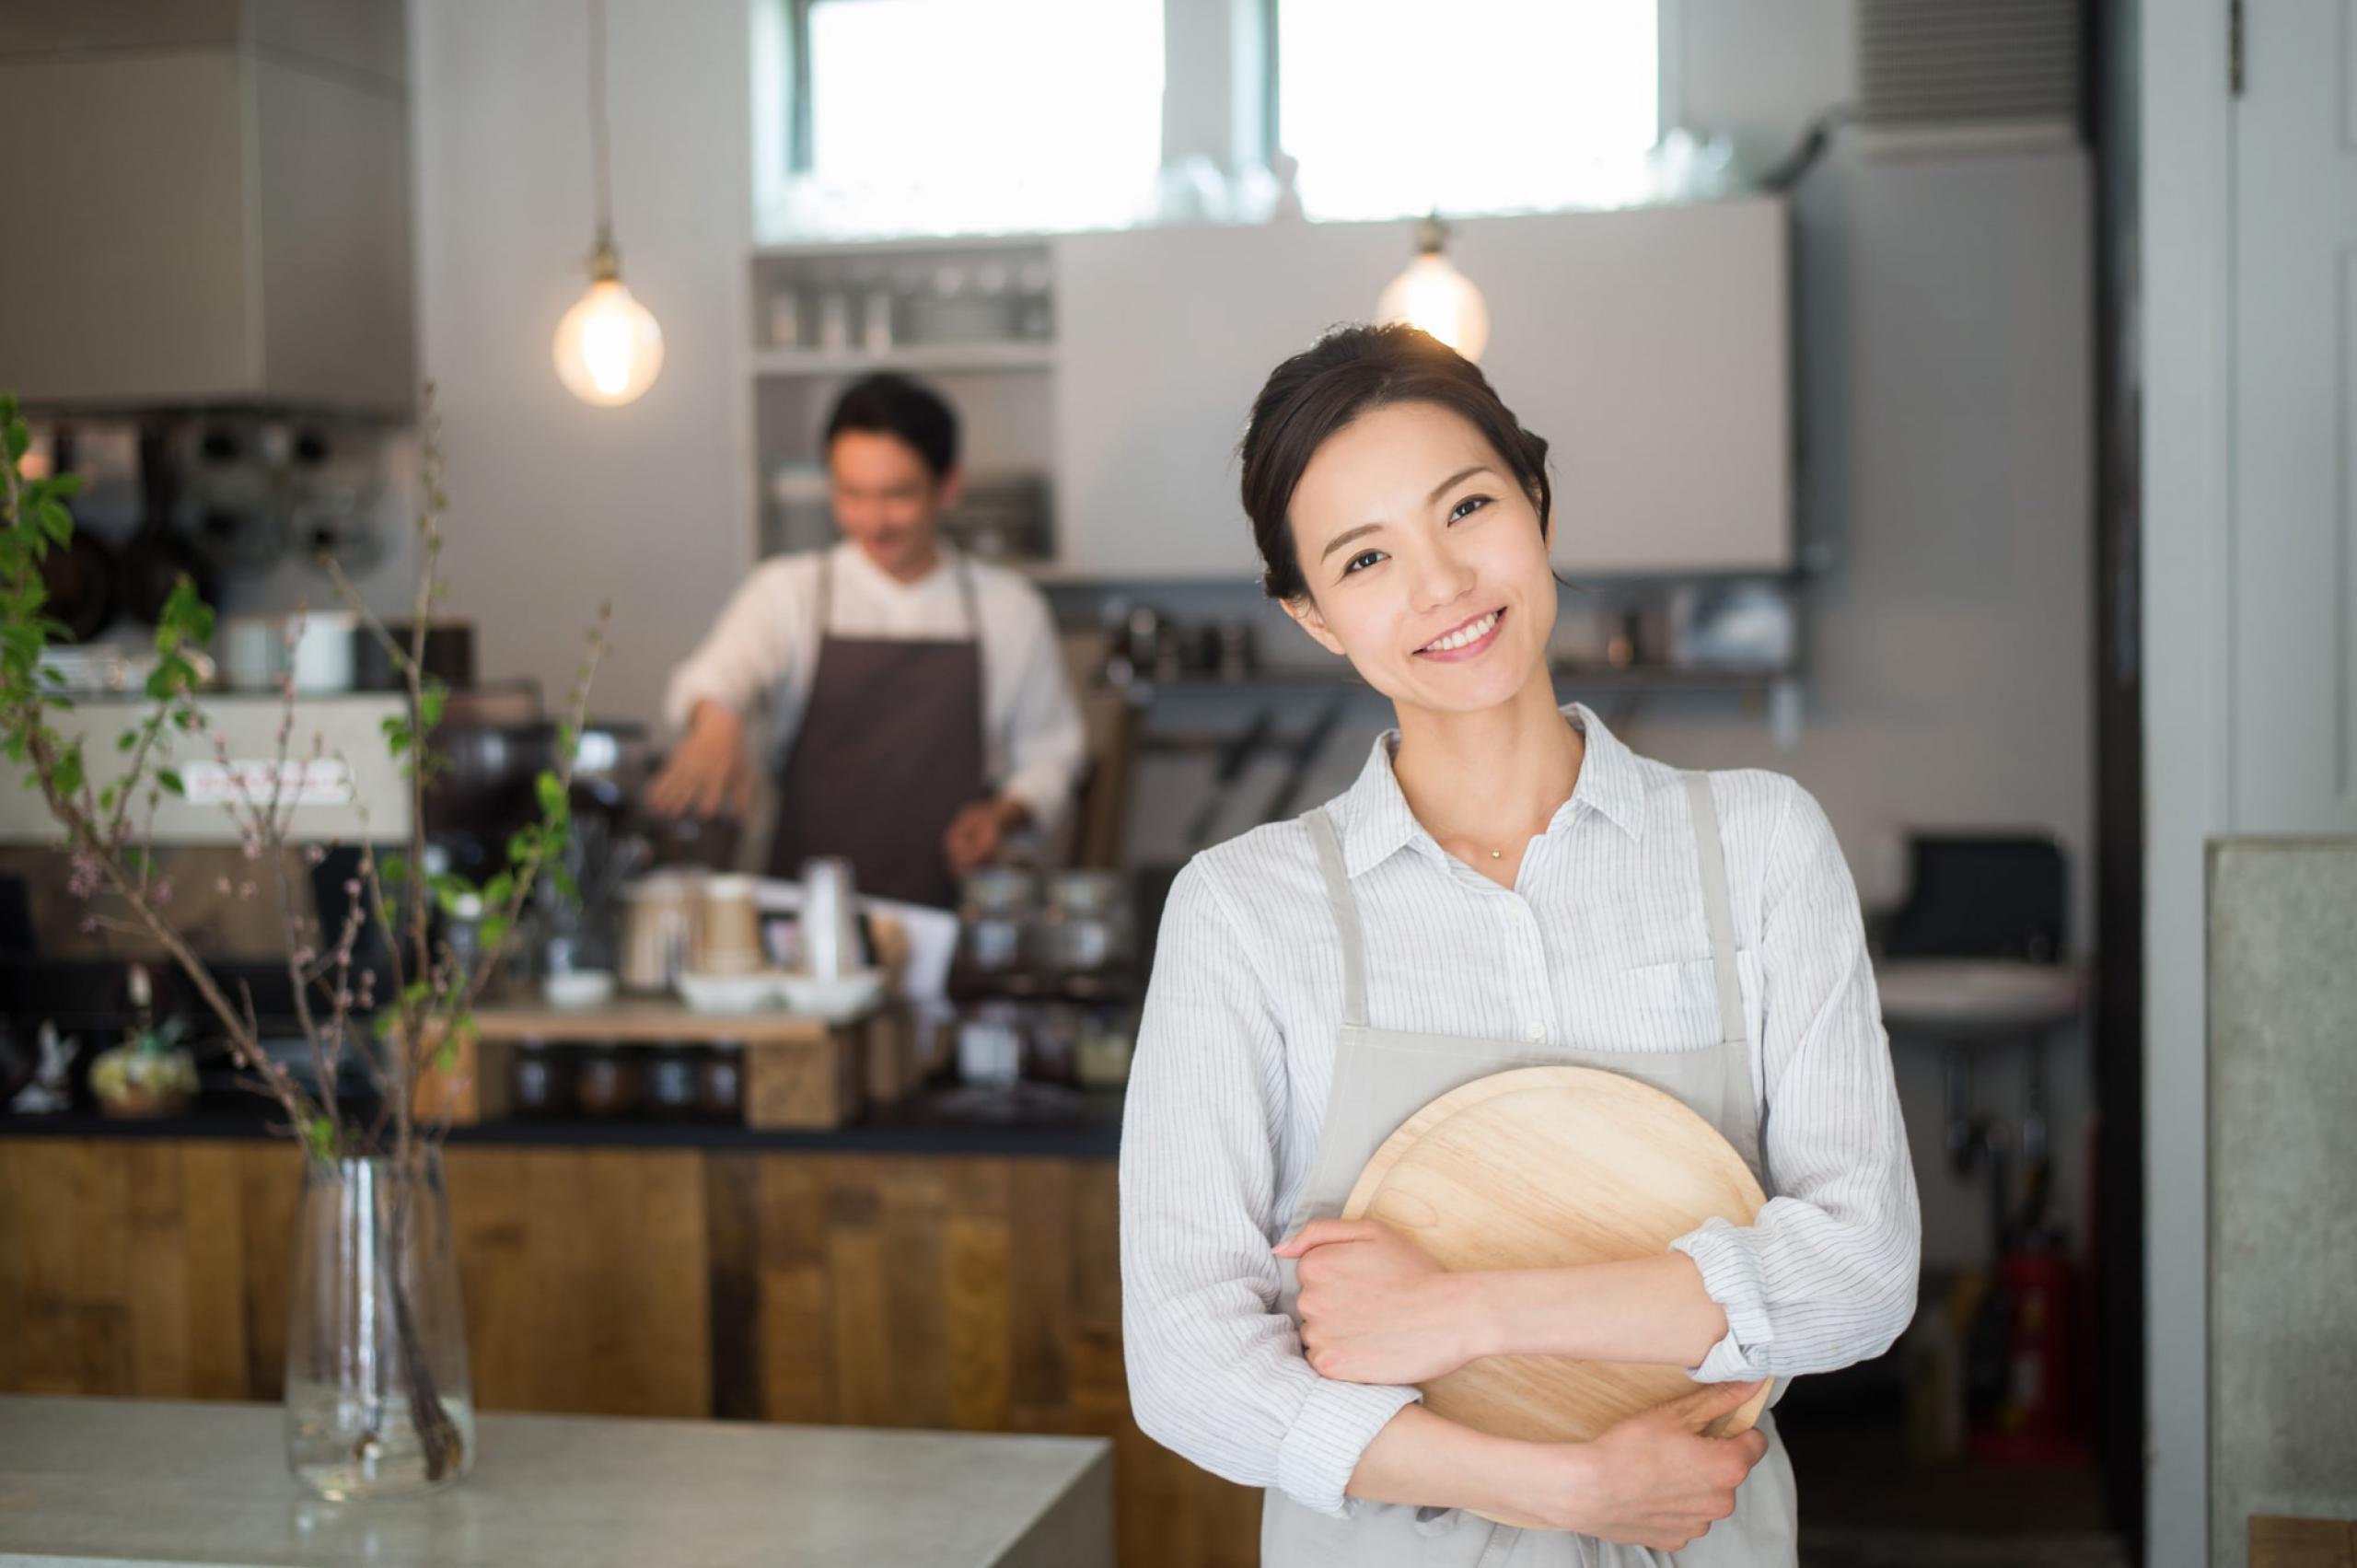 【2020年最新版】飲食店売上アップの為の集客方法アイディア集vol.1